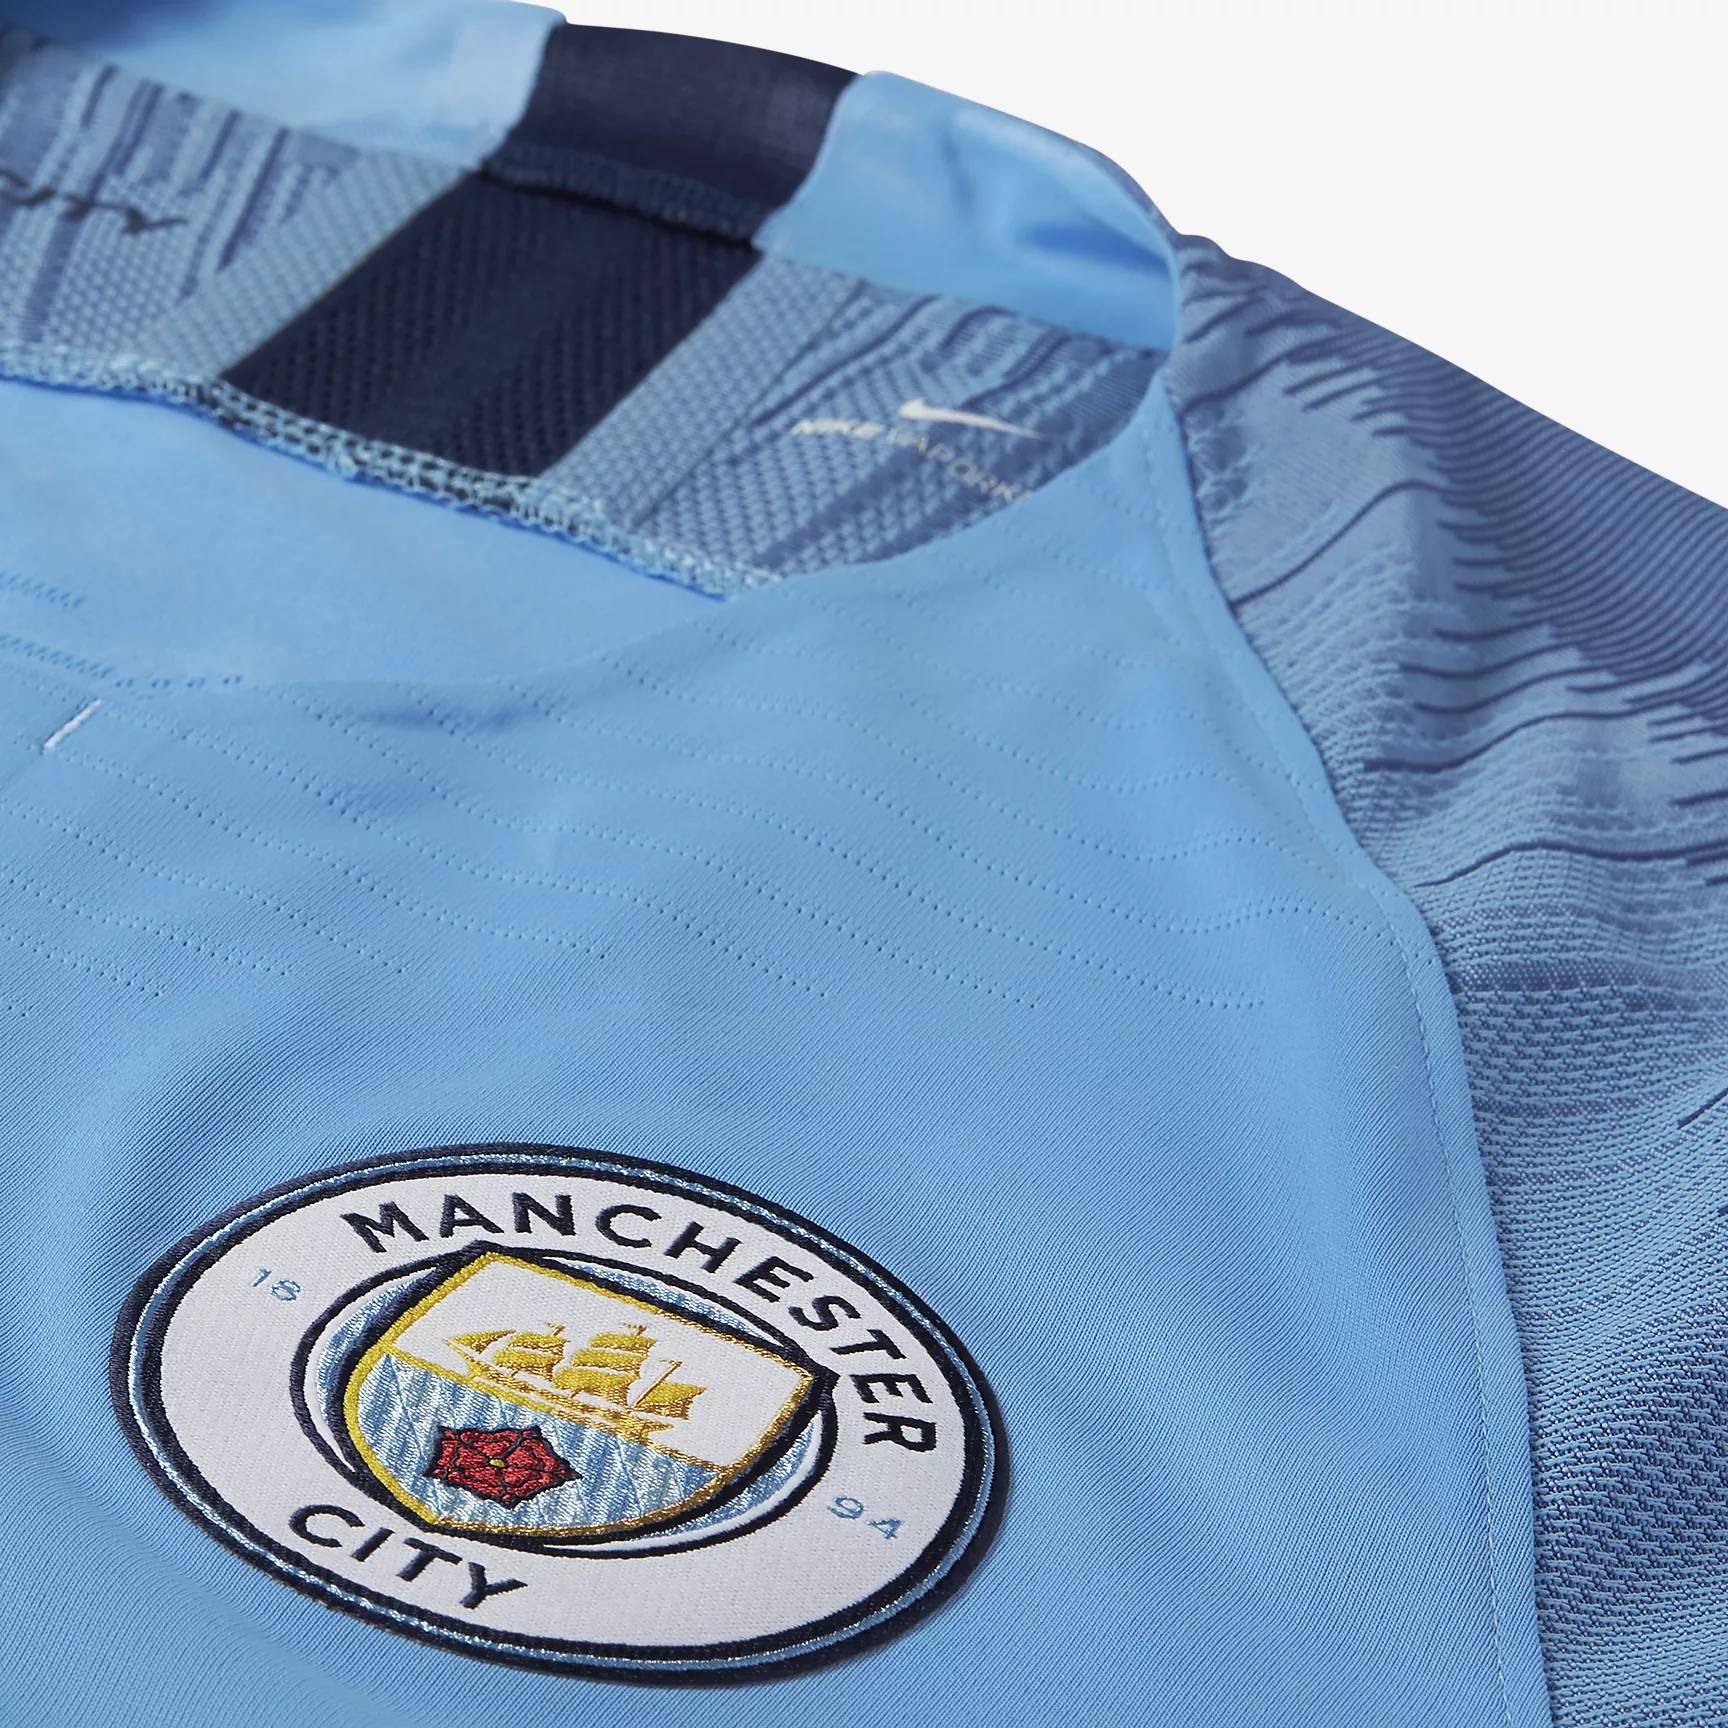 Manchester City 2018-19 Nike Home Kit | 18/19 Kits